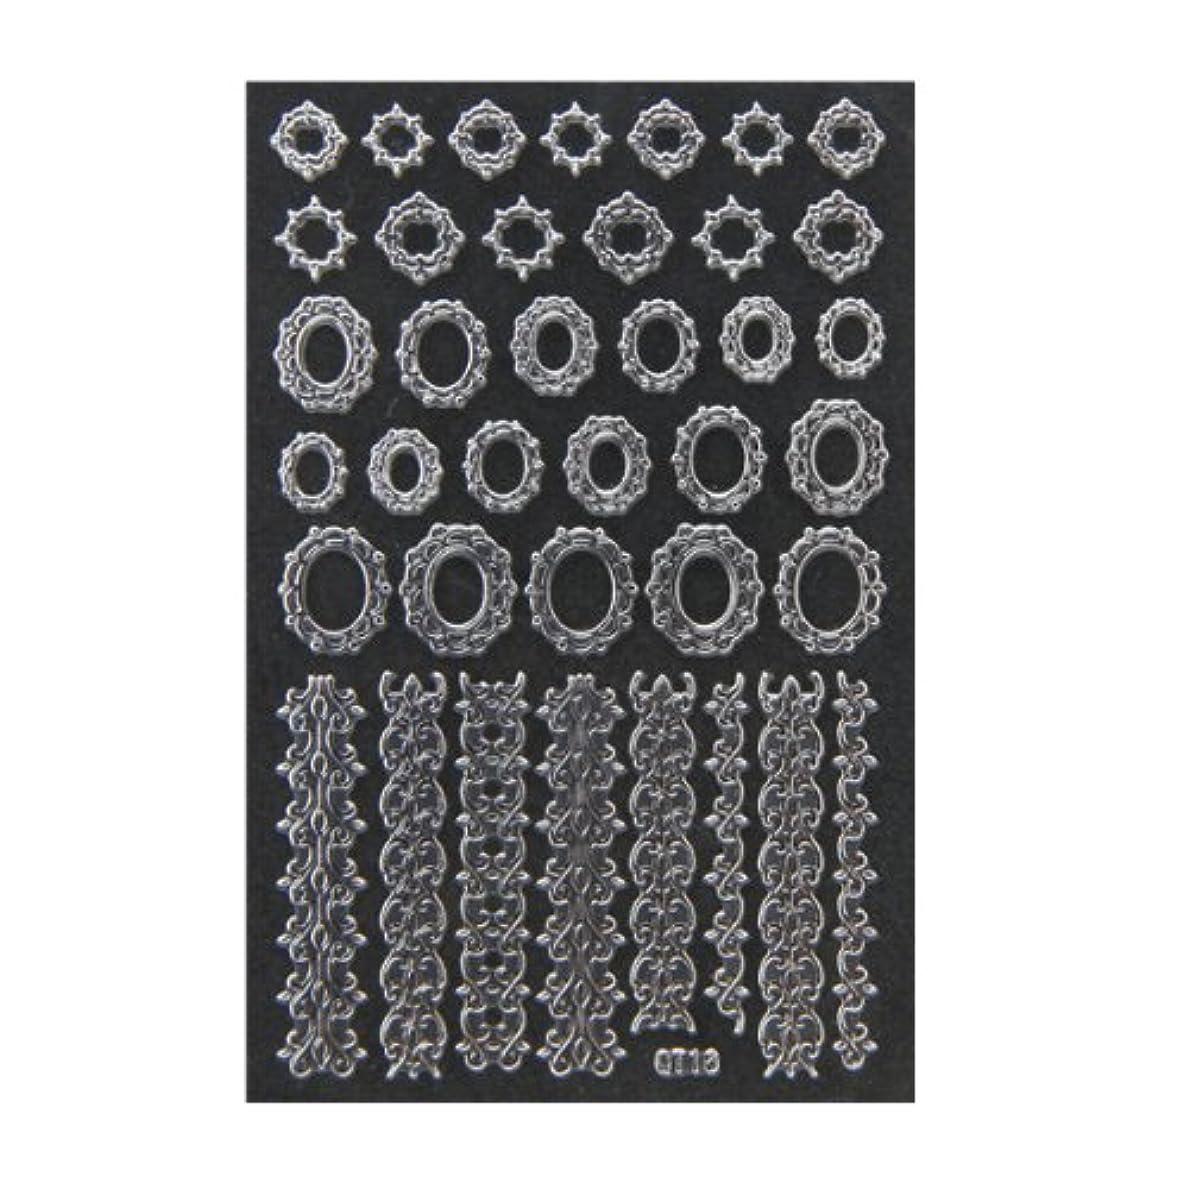 見捨てられた意志容量ネイルシール 3D ネイルシート ファッションネイル メタリックシール42 (ネイル用品)